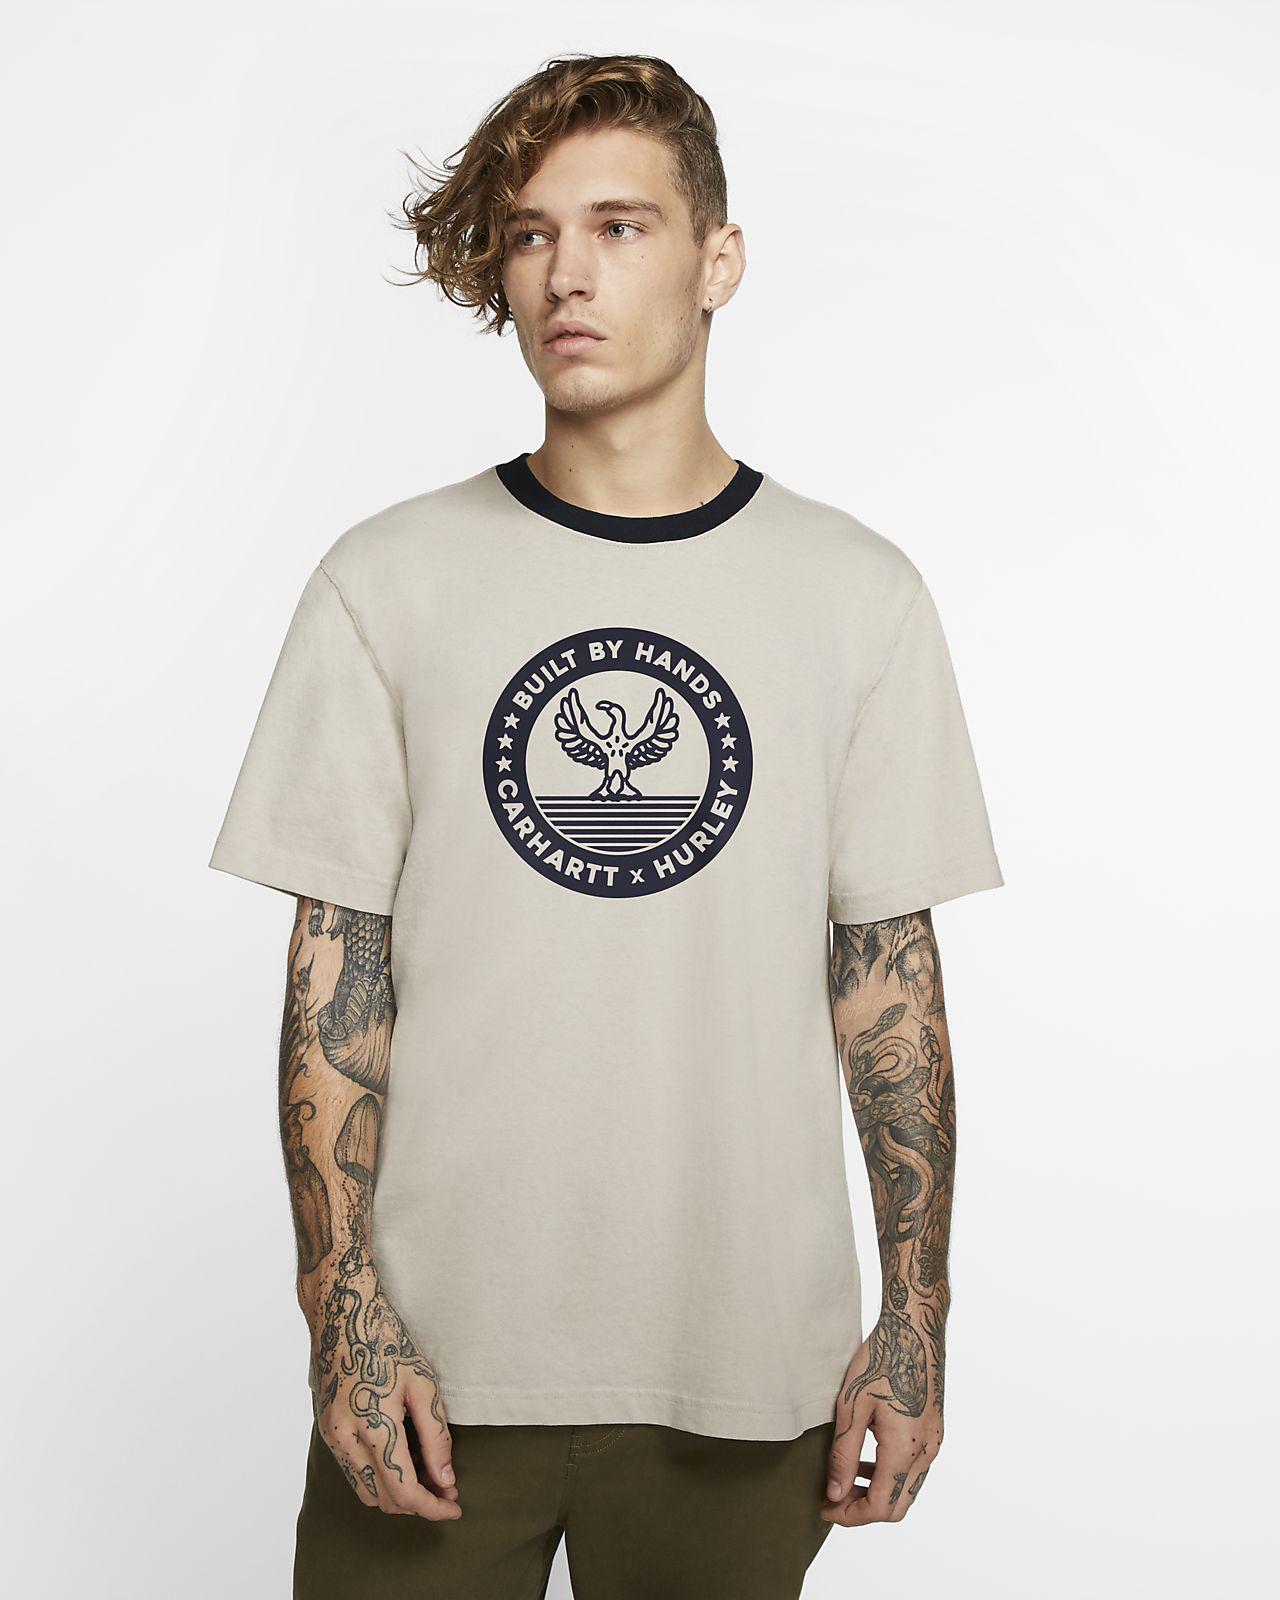 ハーレー x カーハート BFY ビルド リンガー メンズ プレミアム フィット Tシャツ